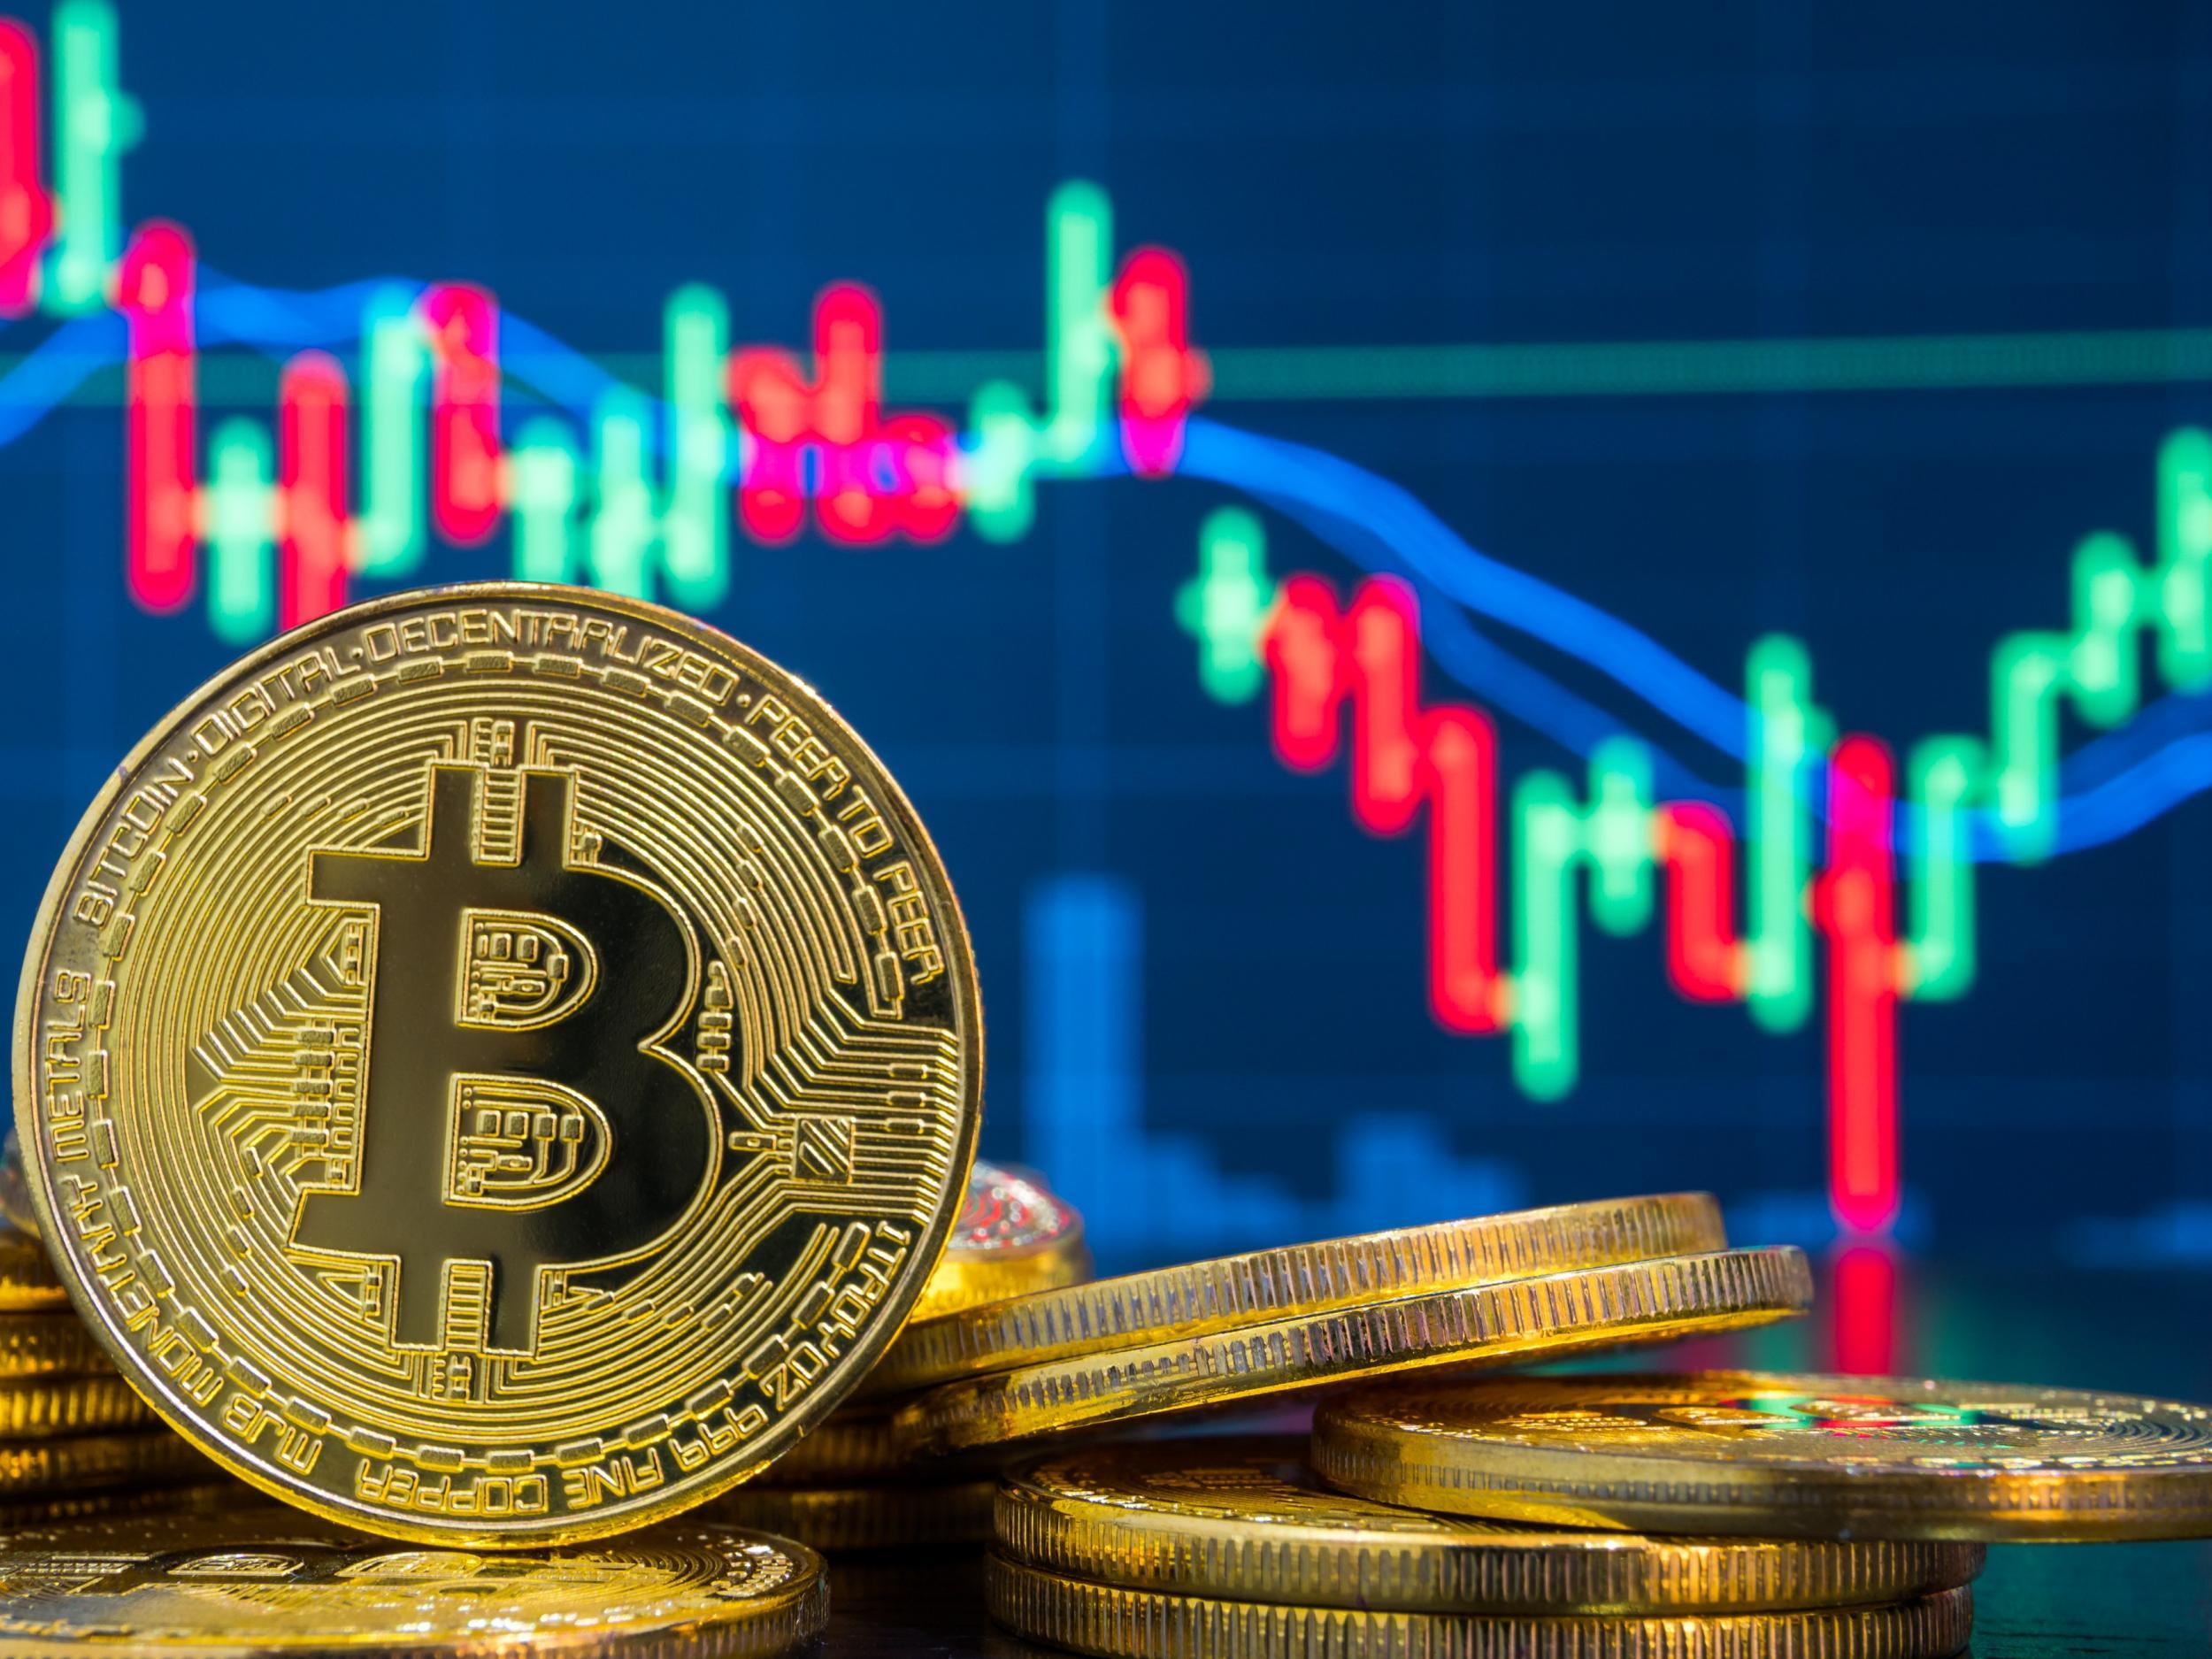 cât este bitcoin în dolari pentru astăzi ratingul semnalelor de tranzacționare